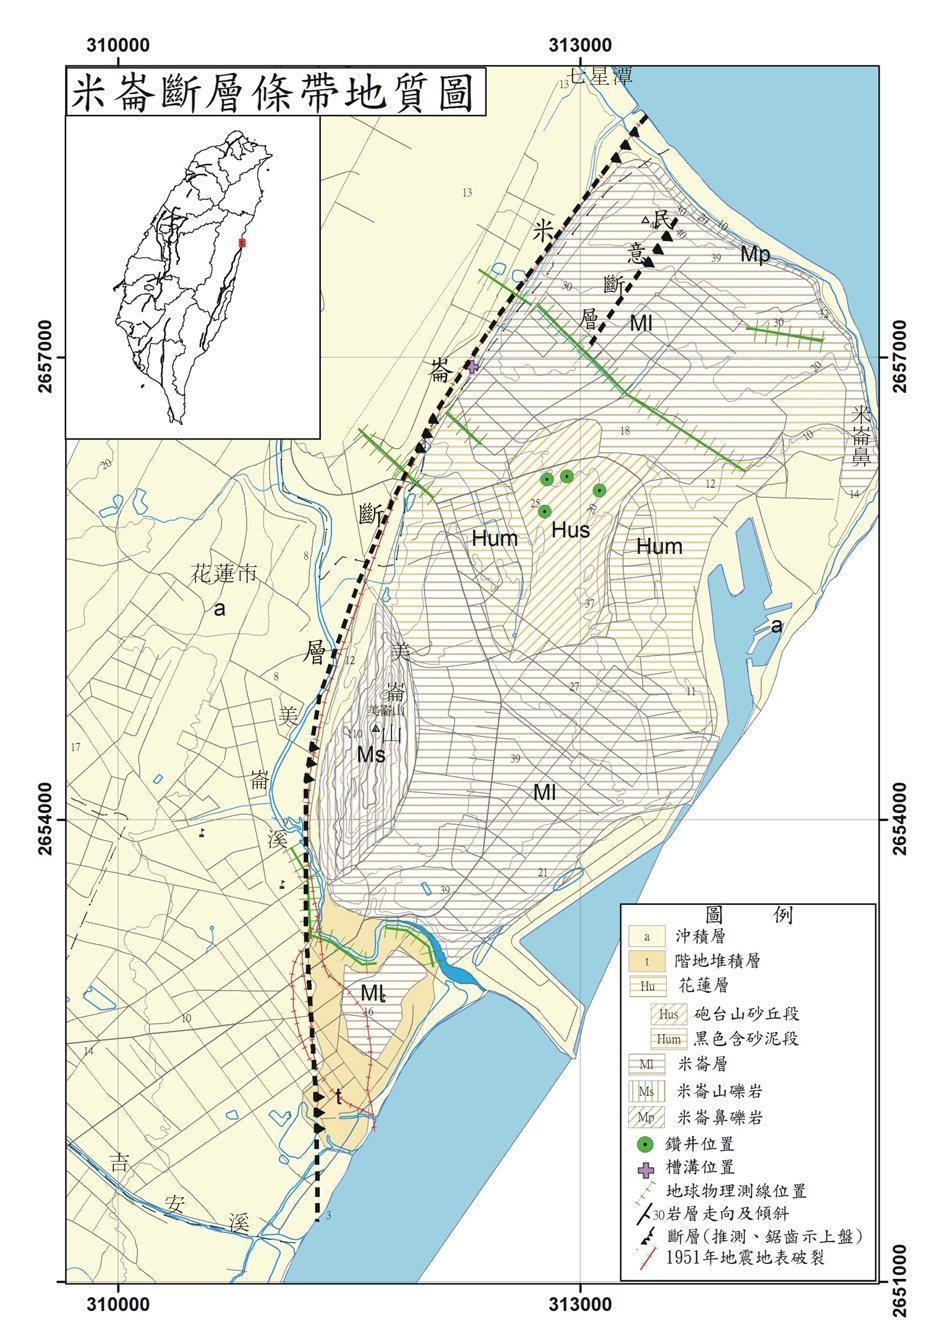 圖/翻攝自中央地質調查所網站